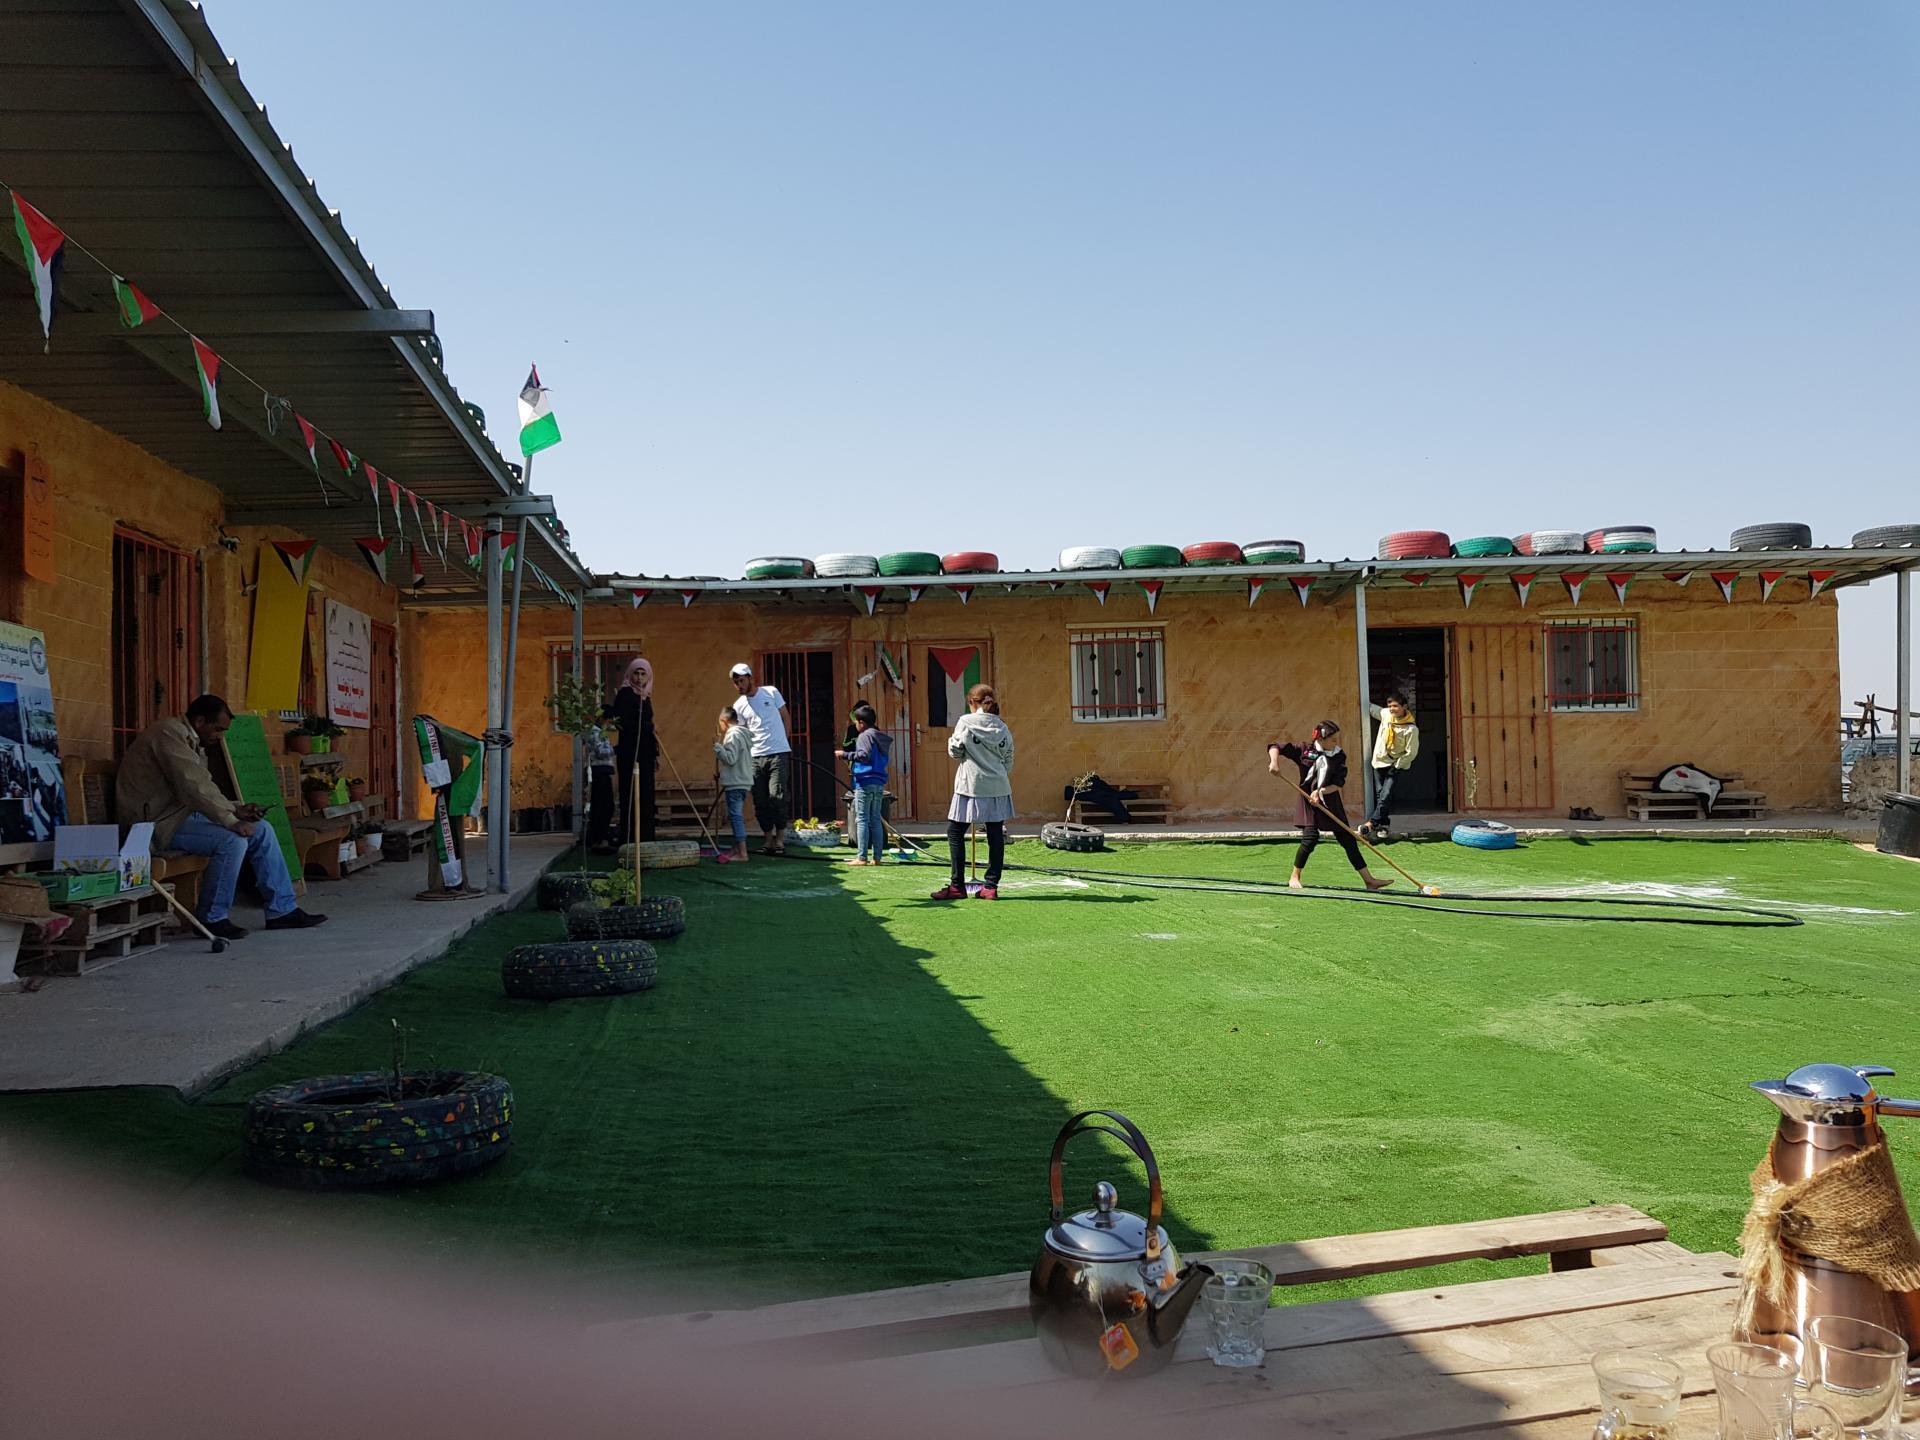 בית הספר בזנותא